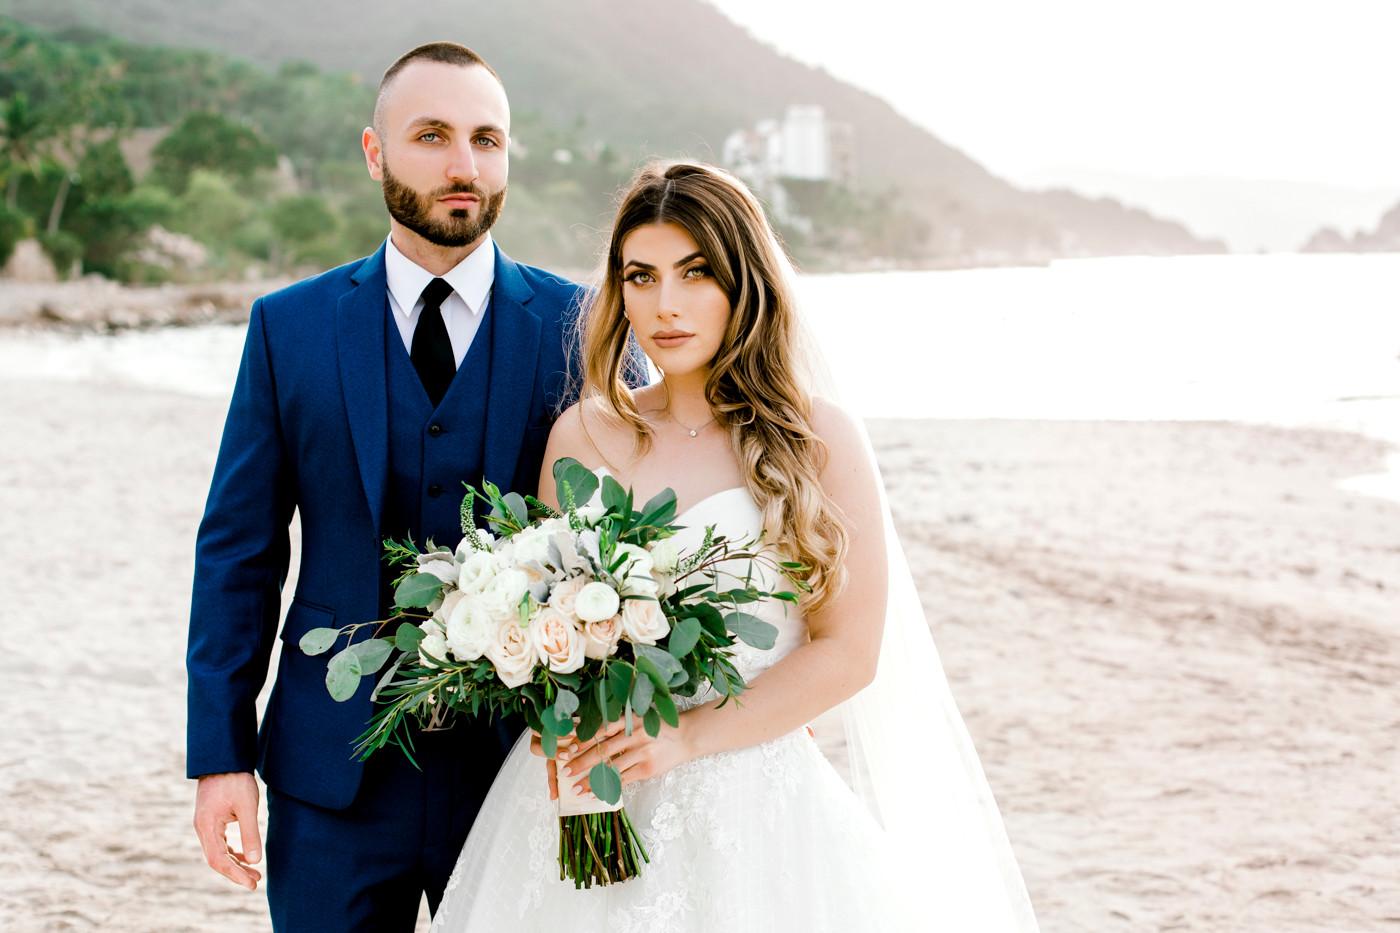 Wedding Mousai & Garza Blanca -9.jpg